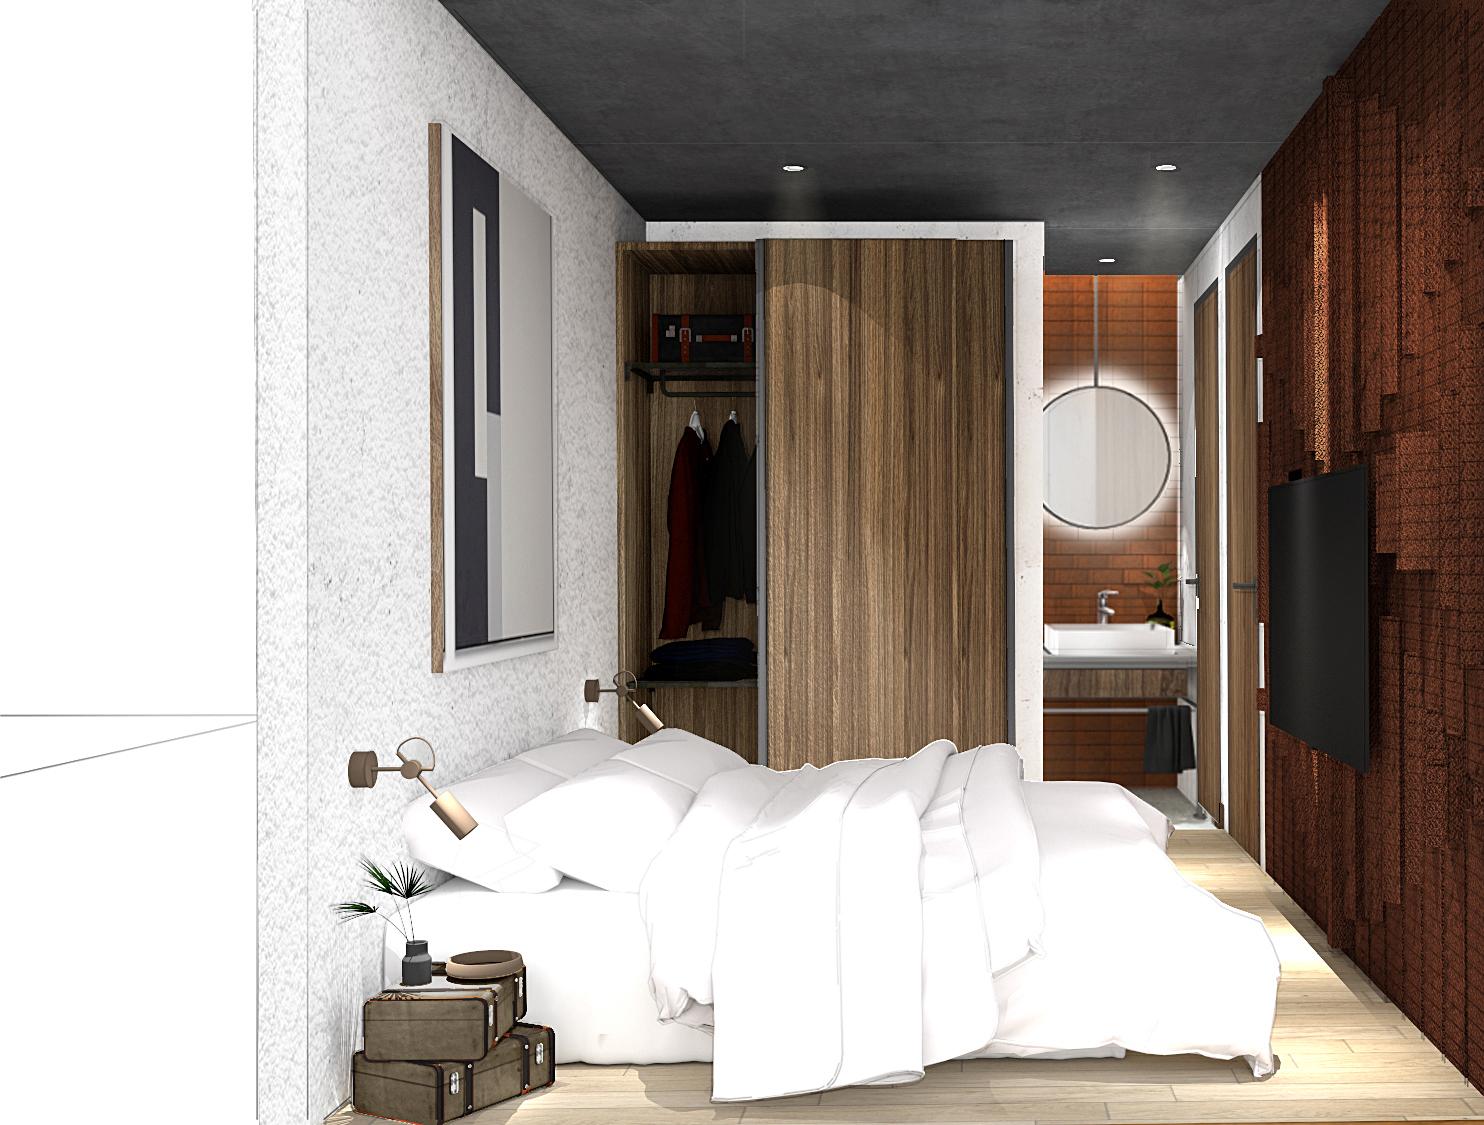 Srinakarintr Condominium